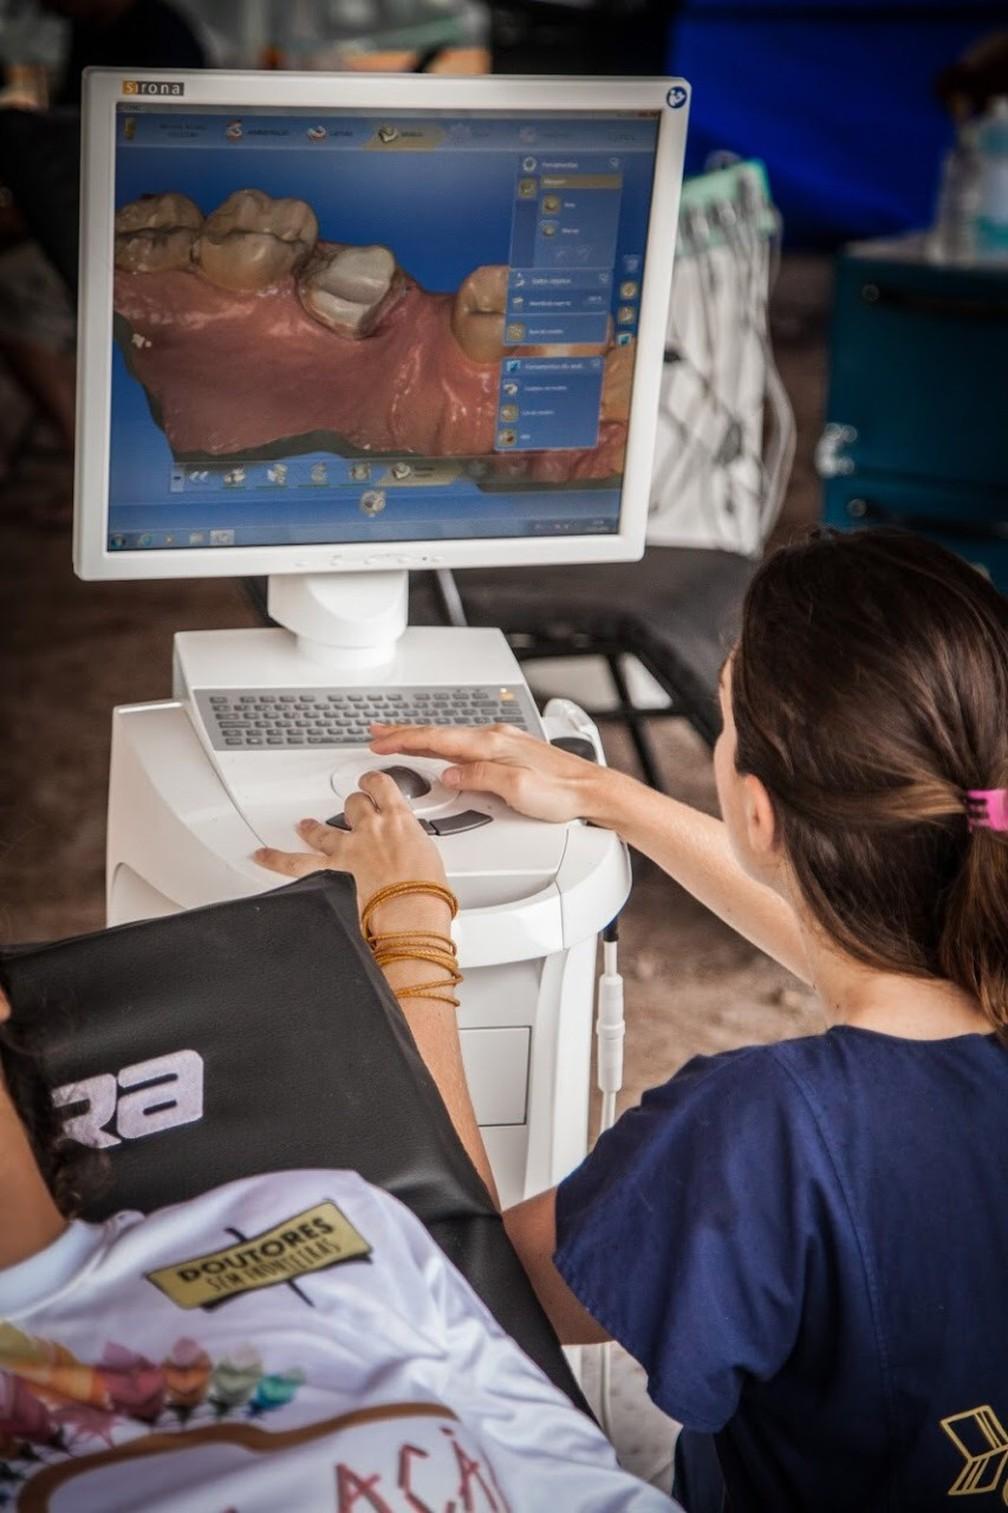 Equipamentos para exames foram levados para aldeia — Foto: Doutores Sem Fronteiras/Divulgação